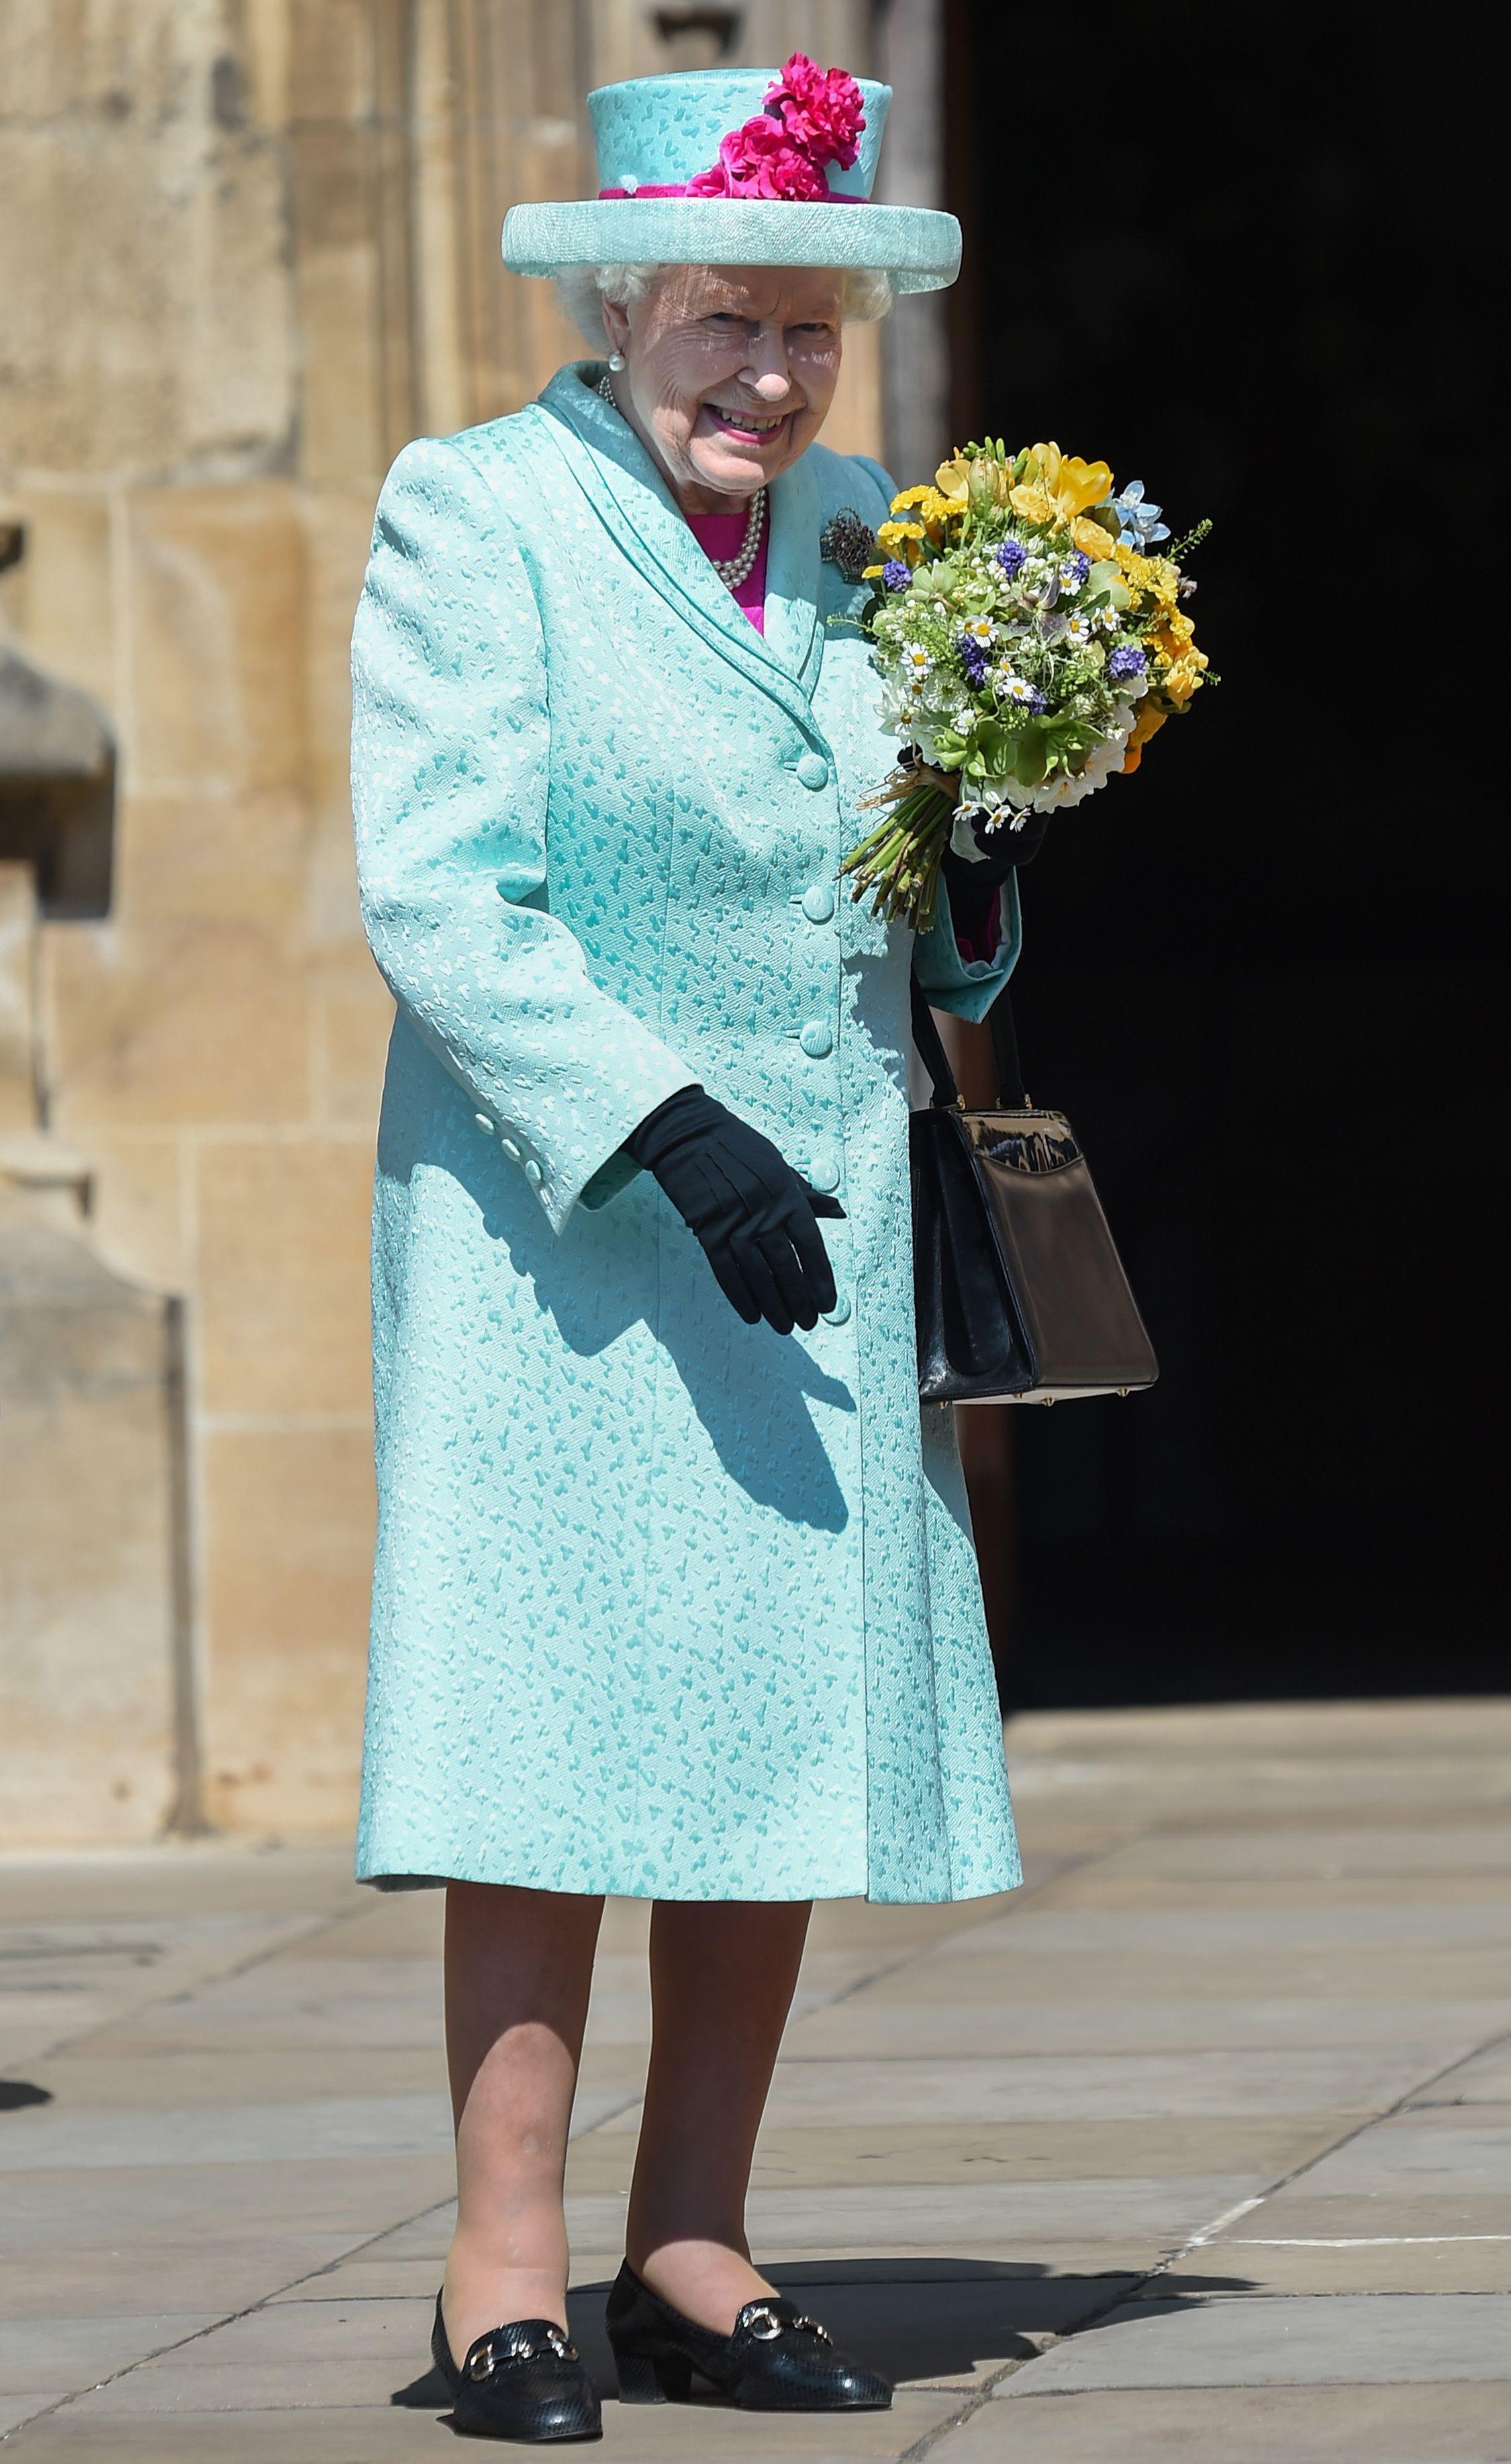 Праздничный образ королевы Елизаветы II от Alexander McQueen